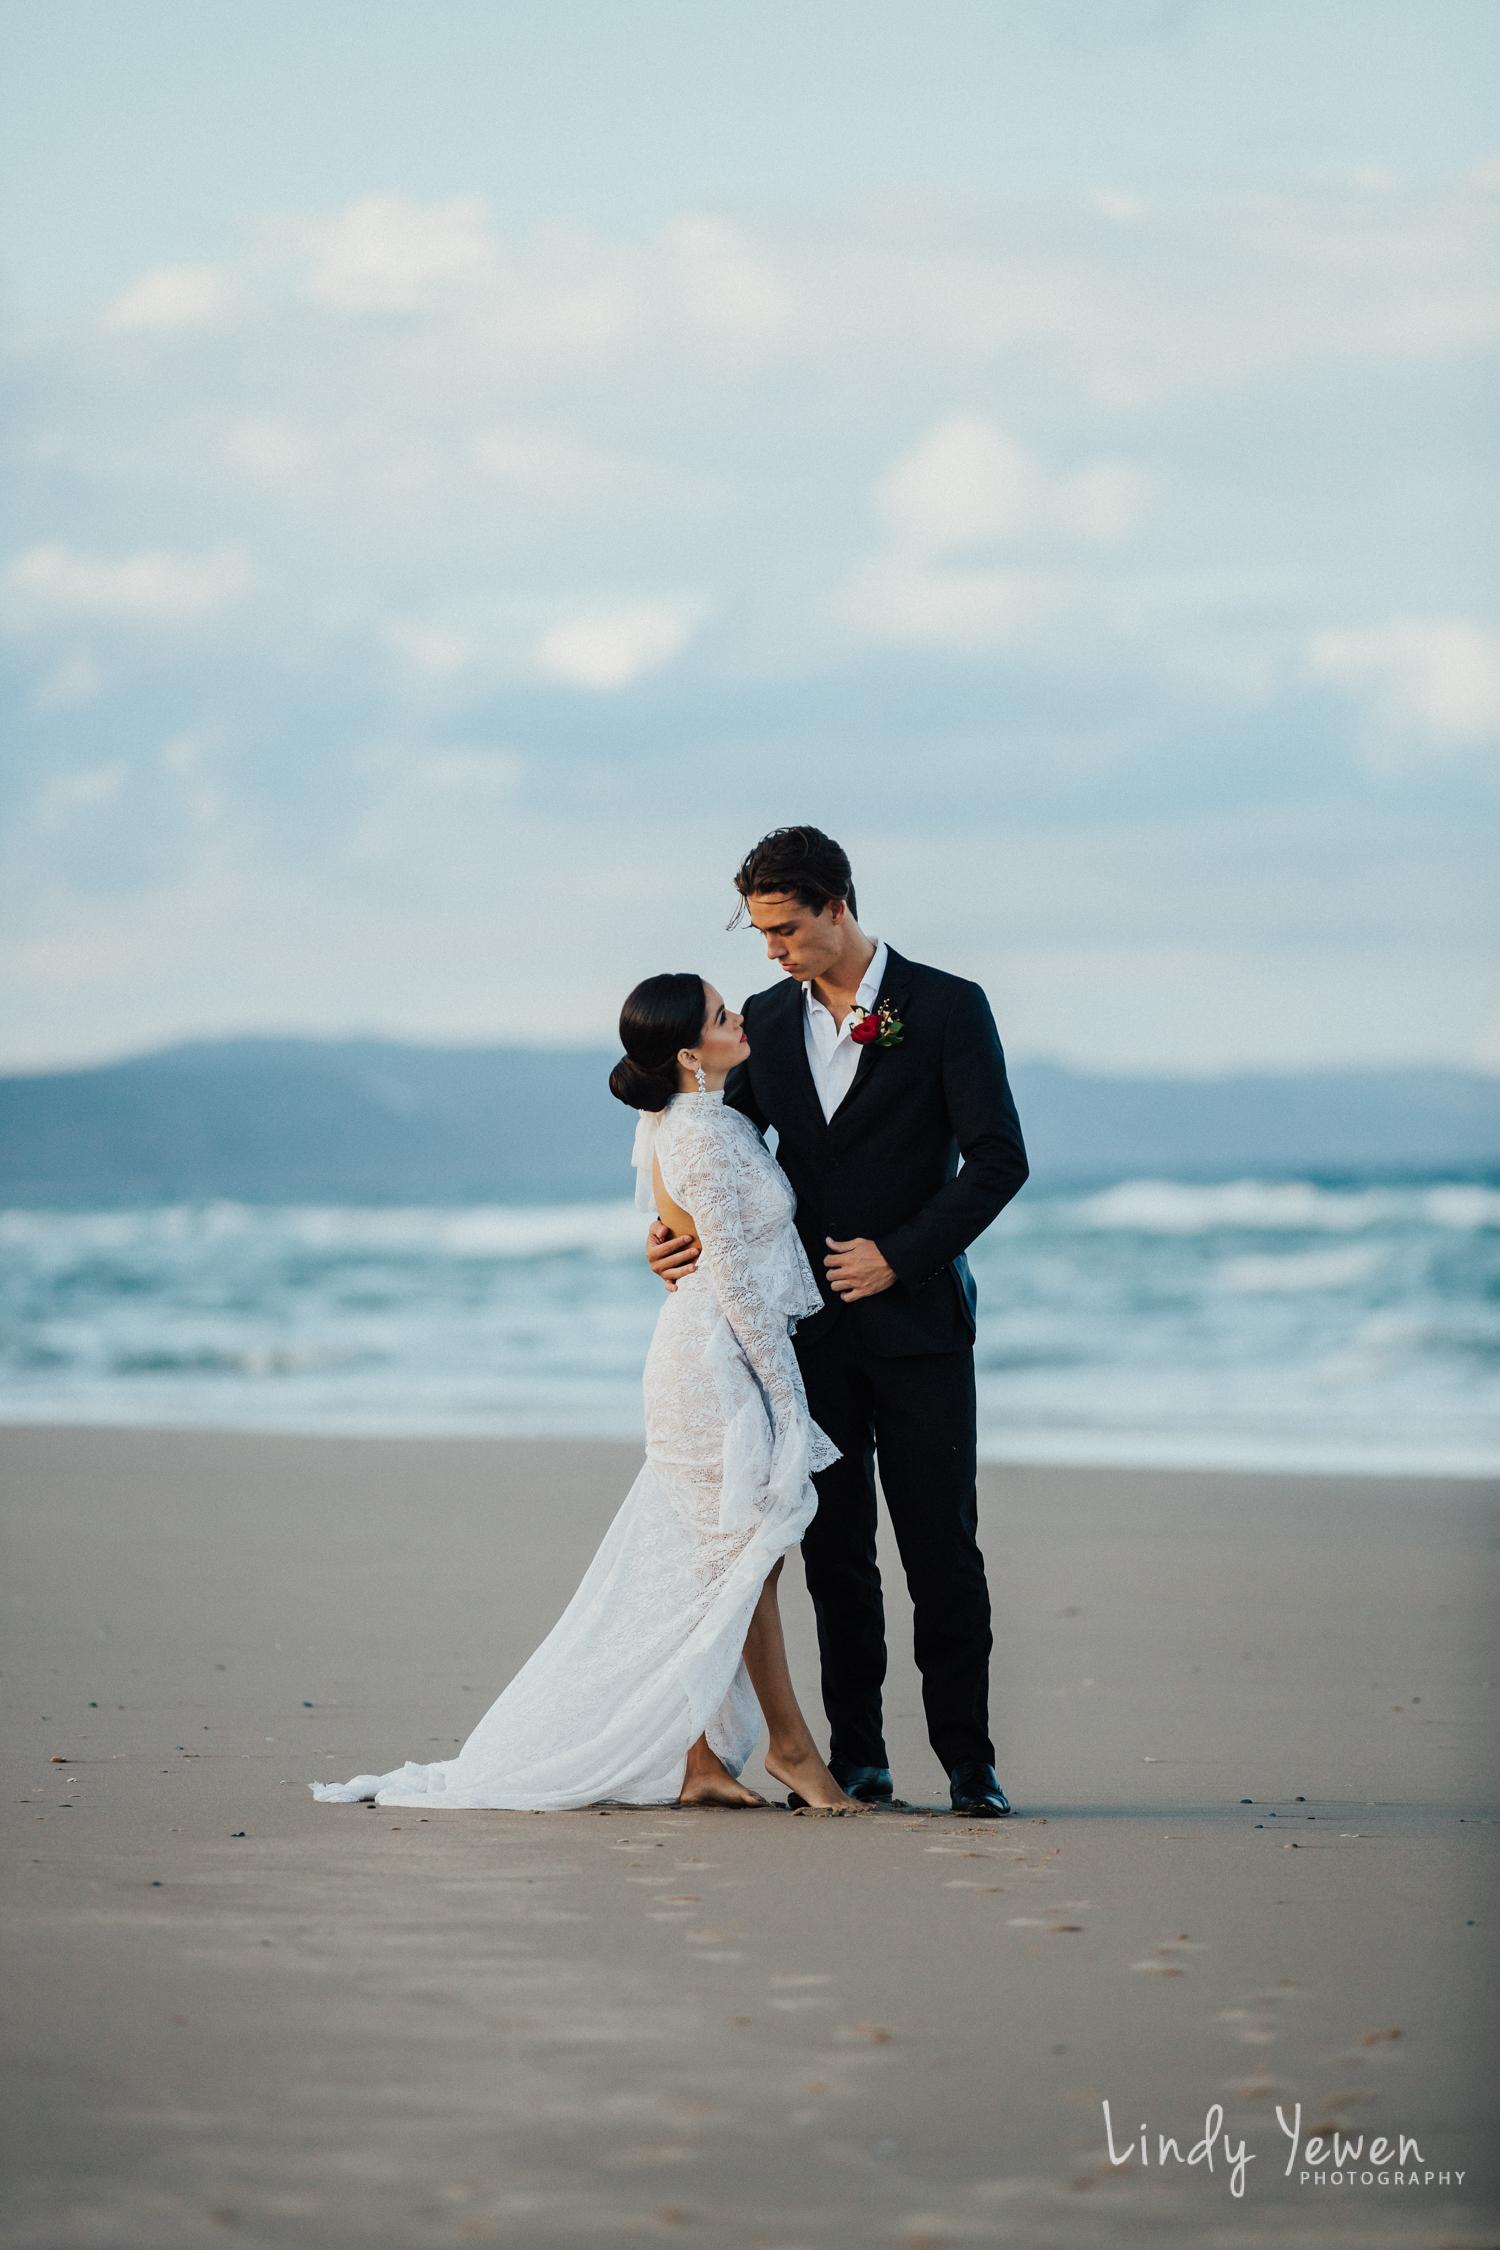 Lindy-Yewen-Photography-Spanish-Wedding 215.jpg